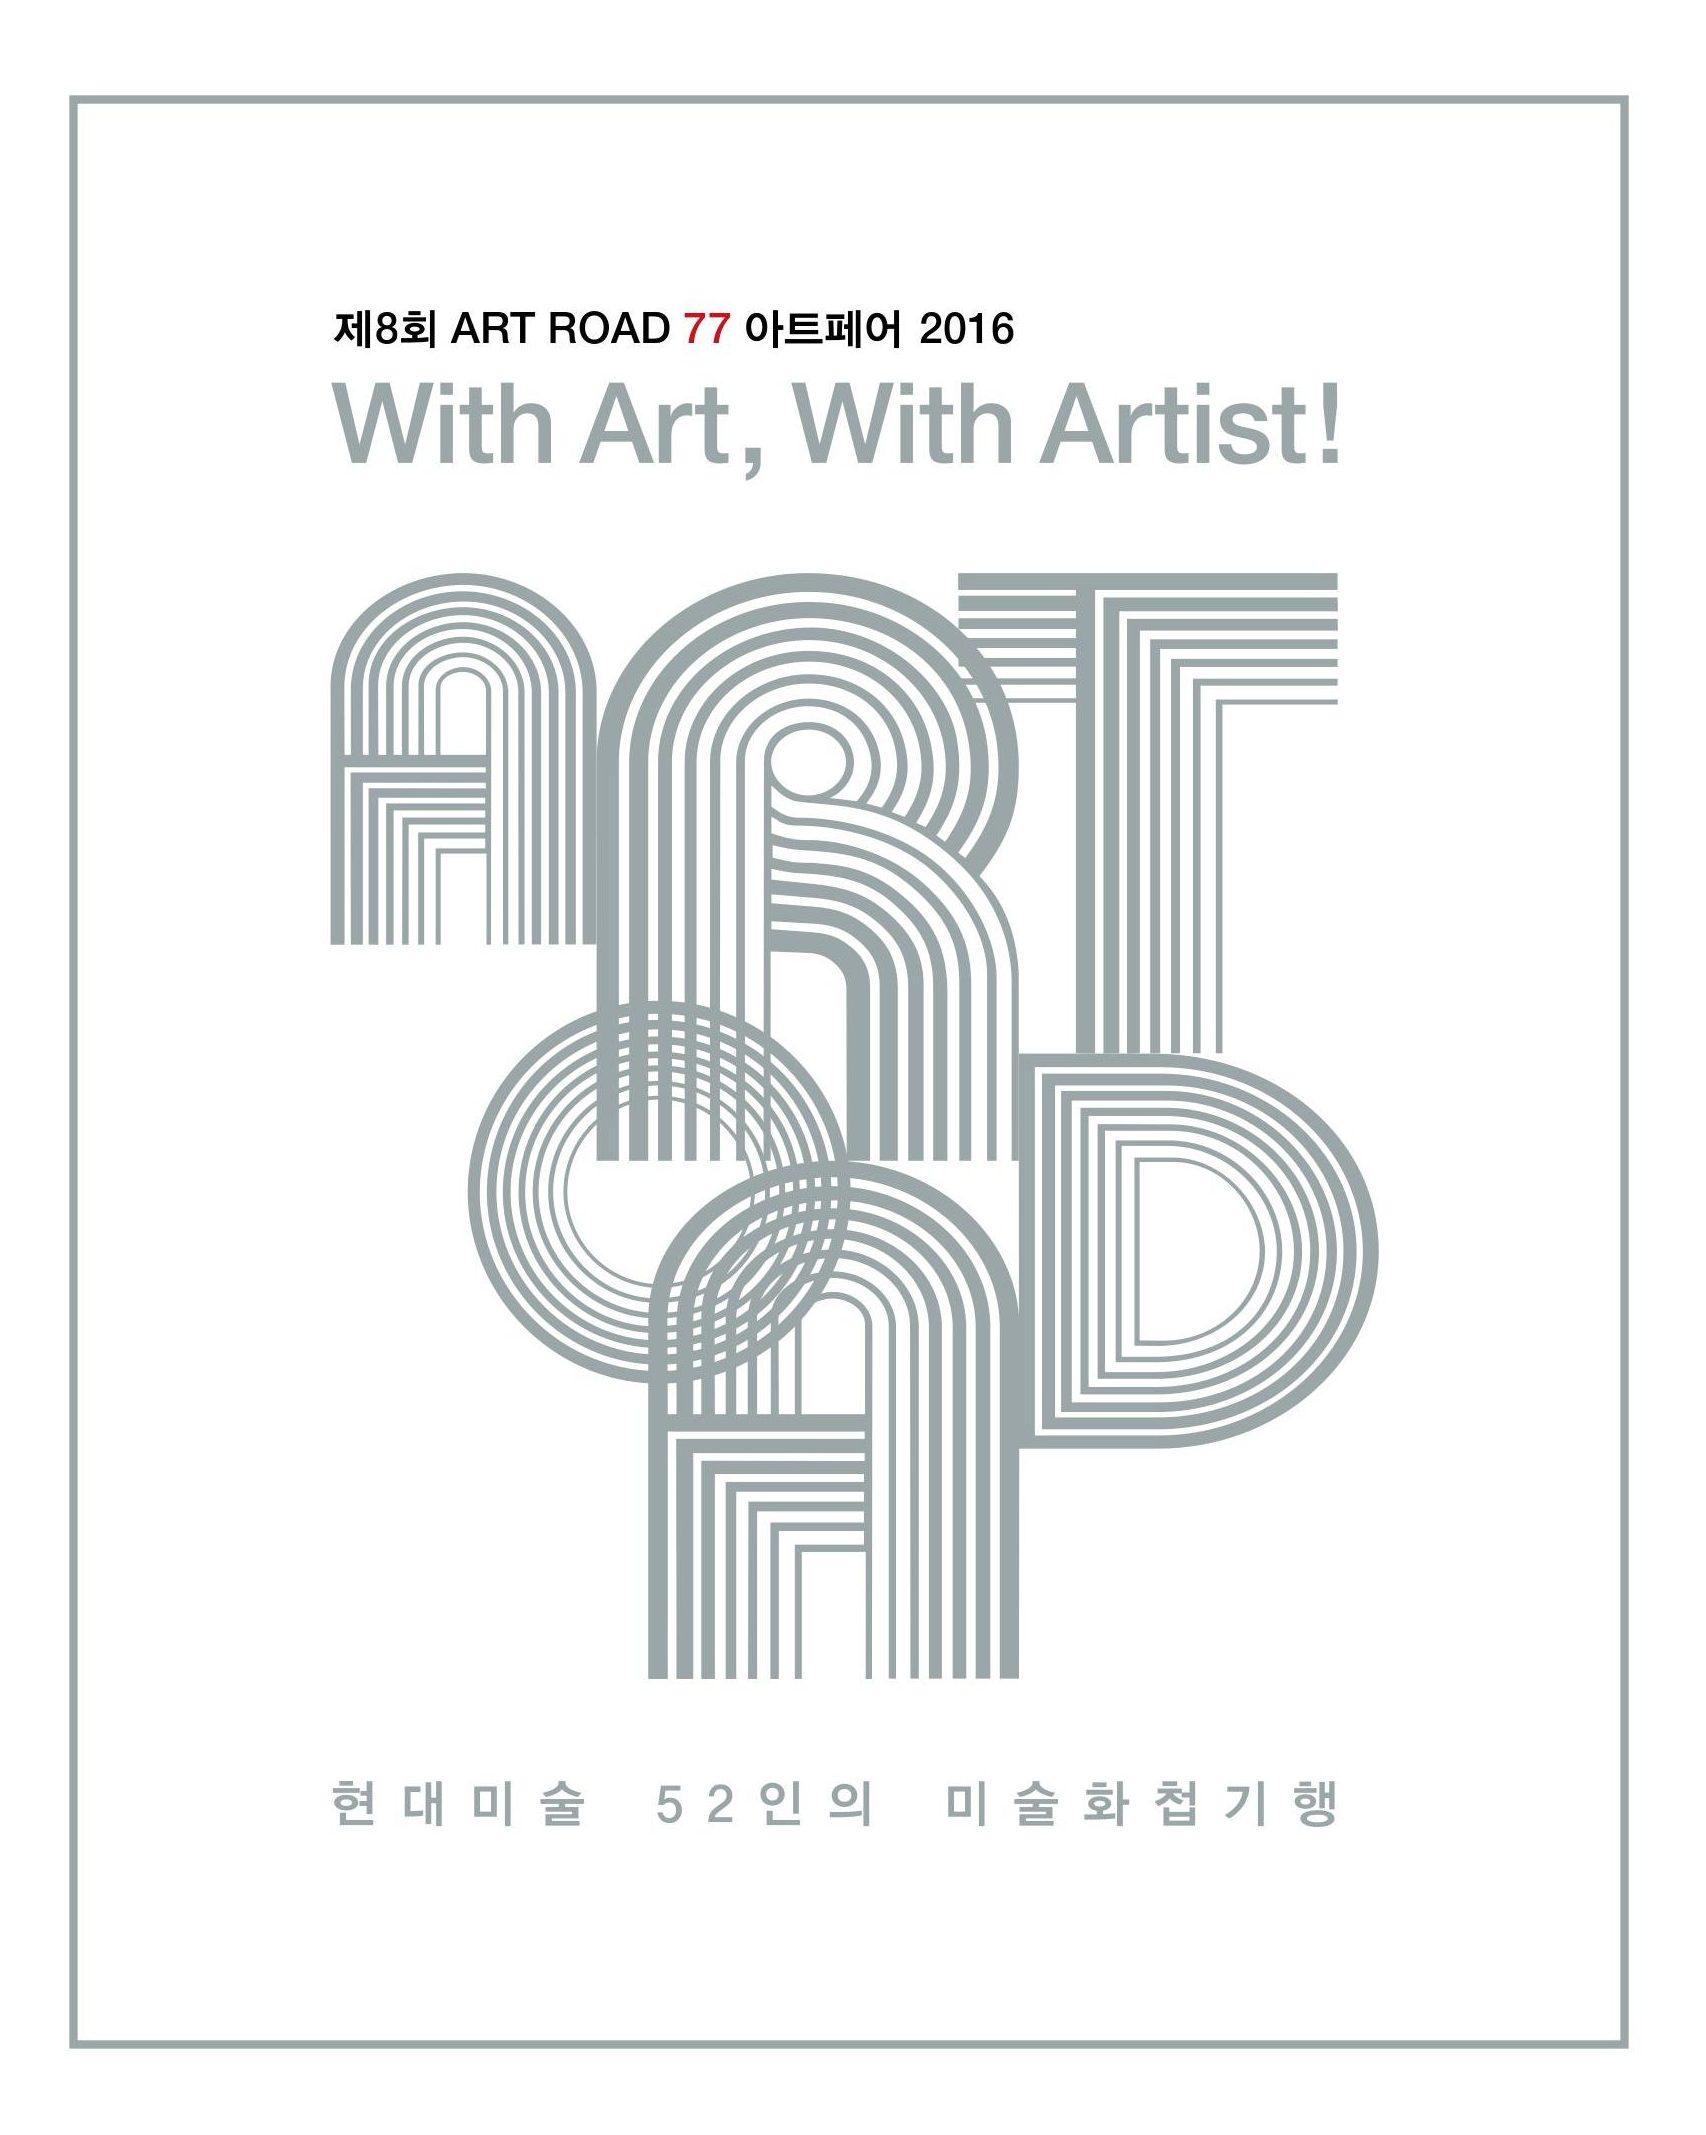 제 8회 Art Road 77 아트페어 2016 – 오픈갤러리